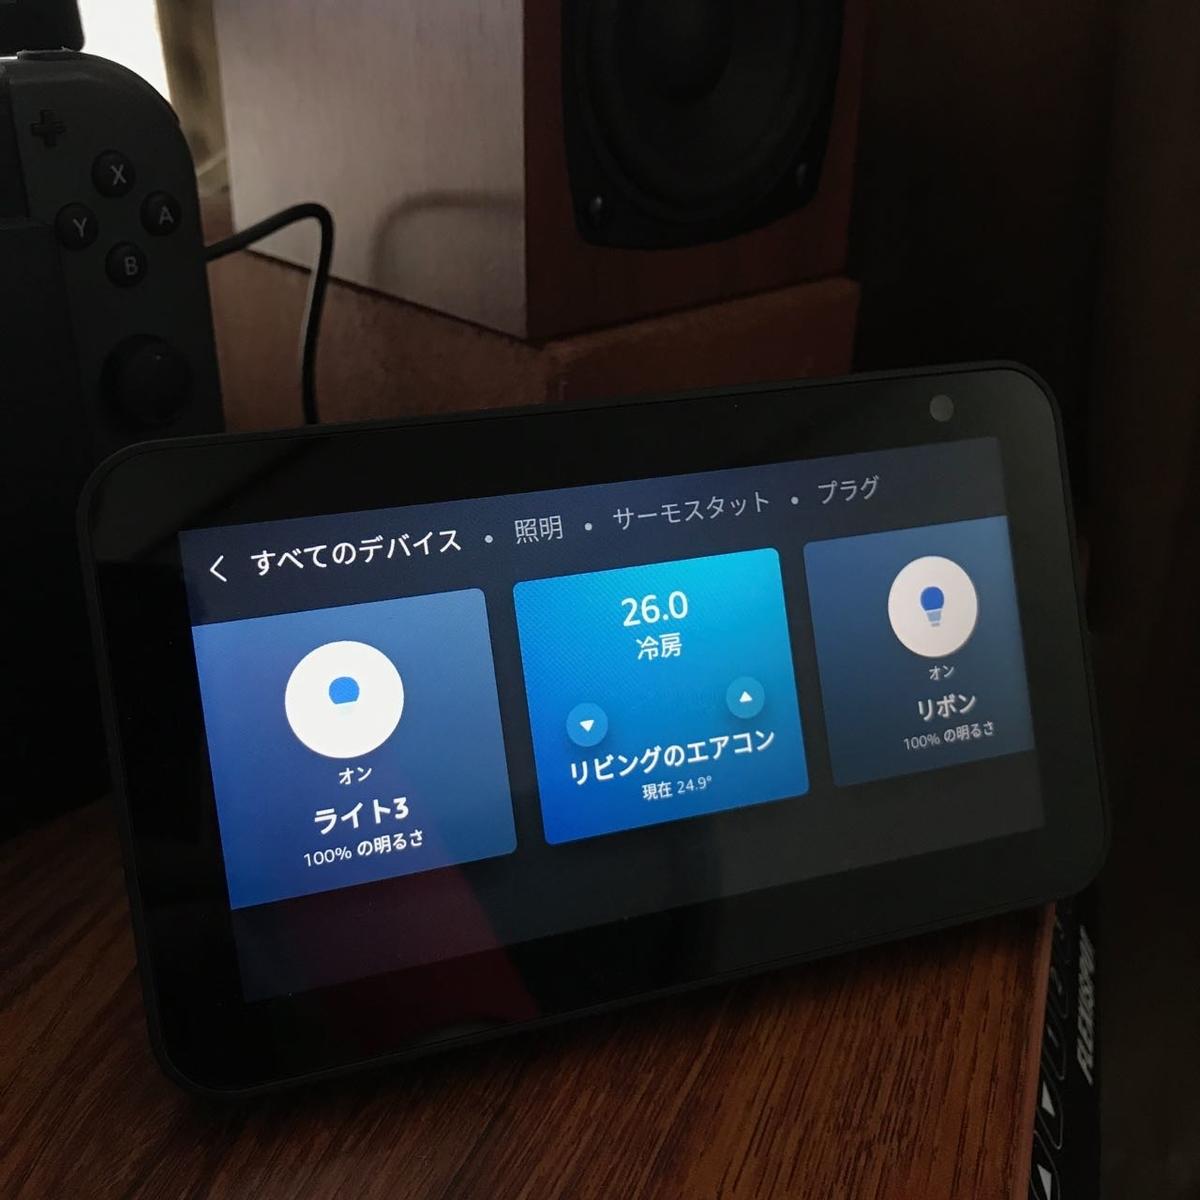 スマートホームのコントロール画面